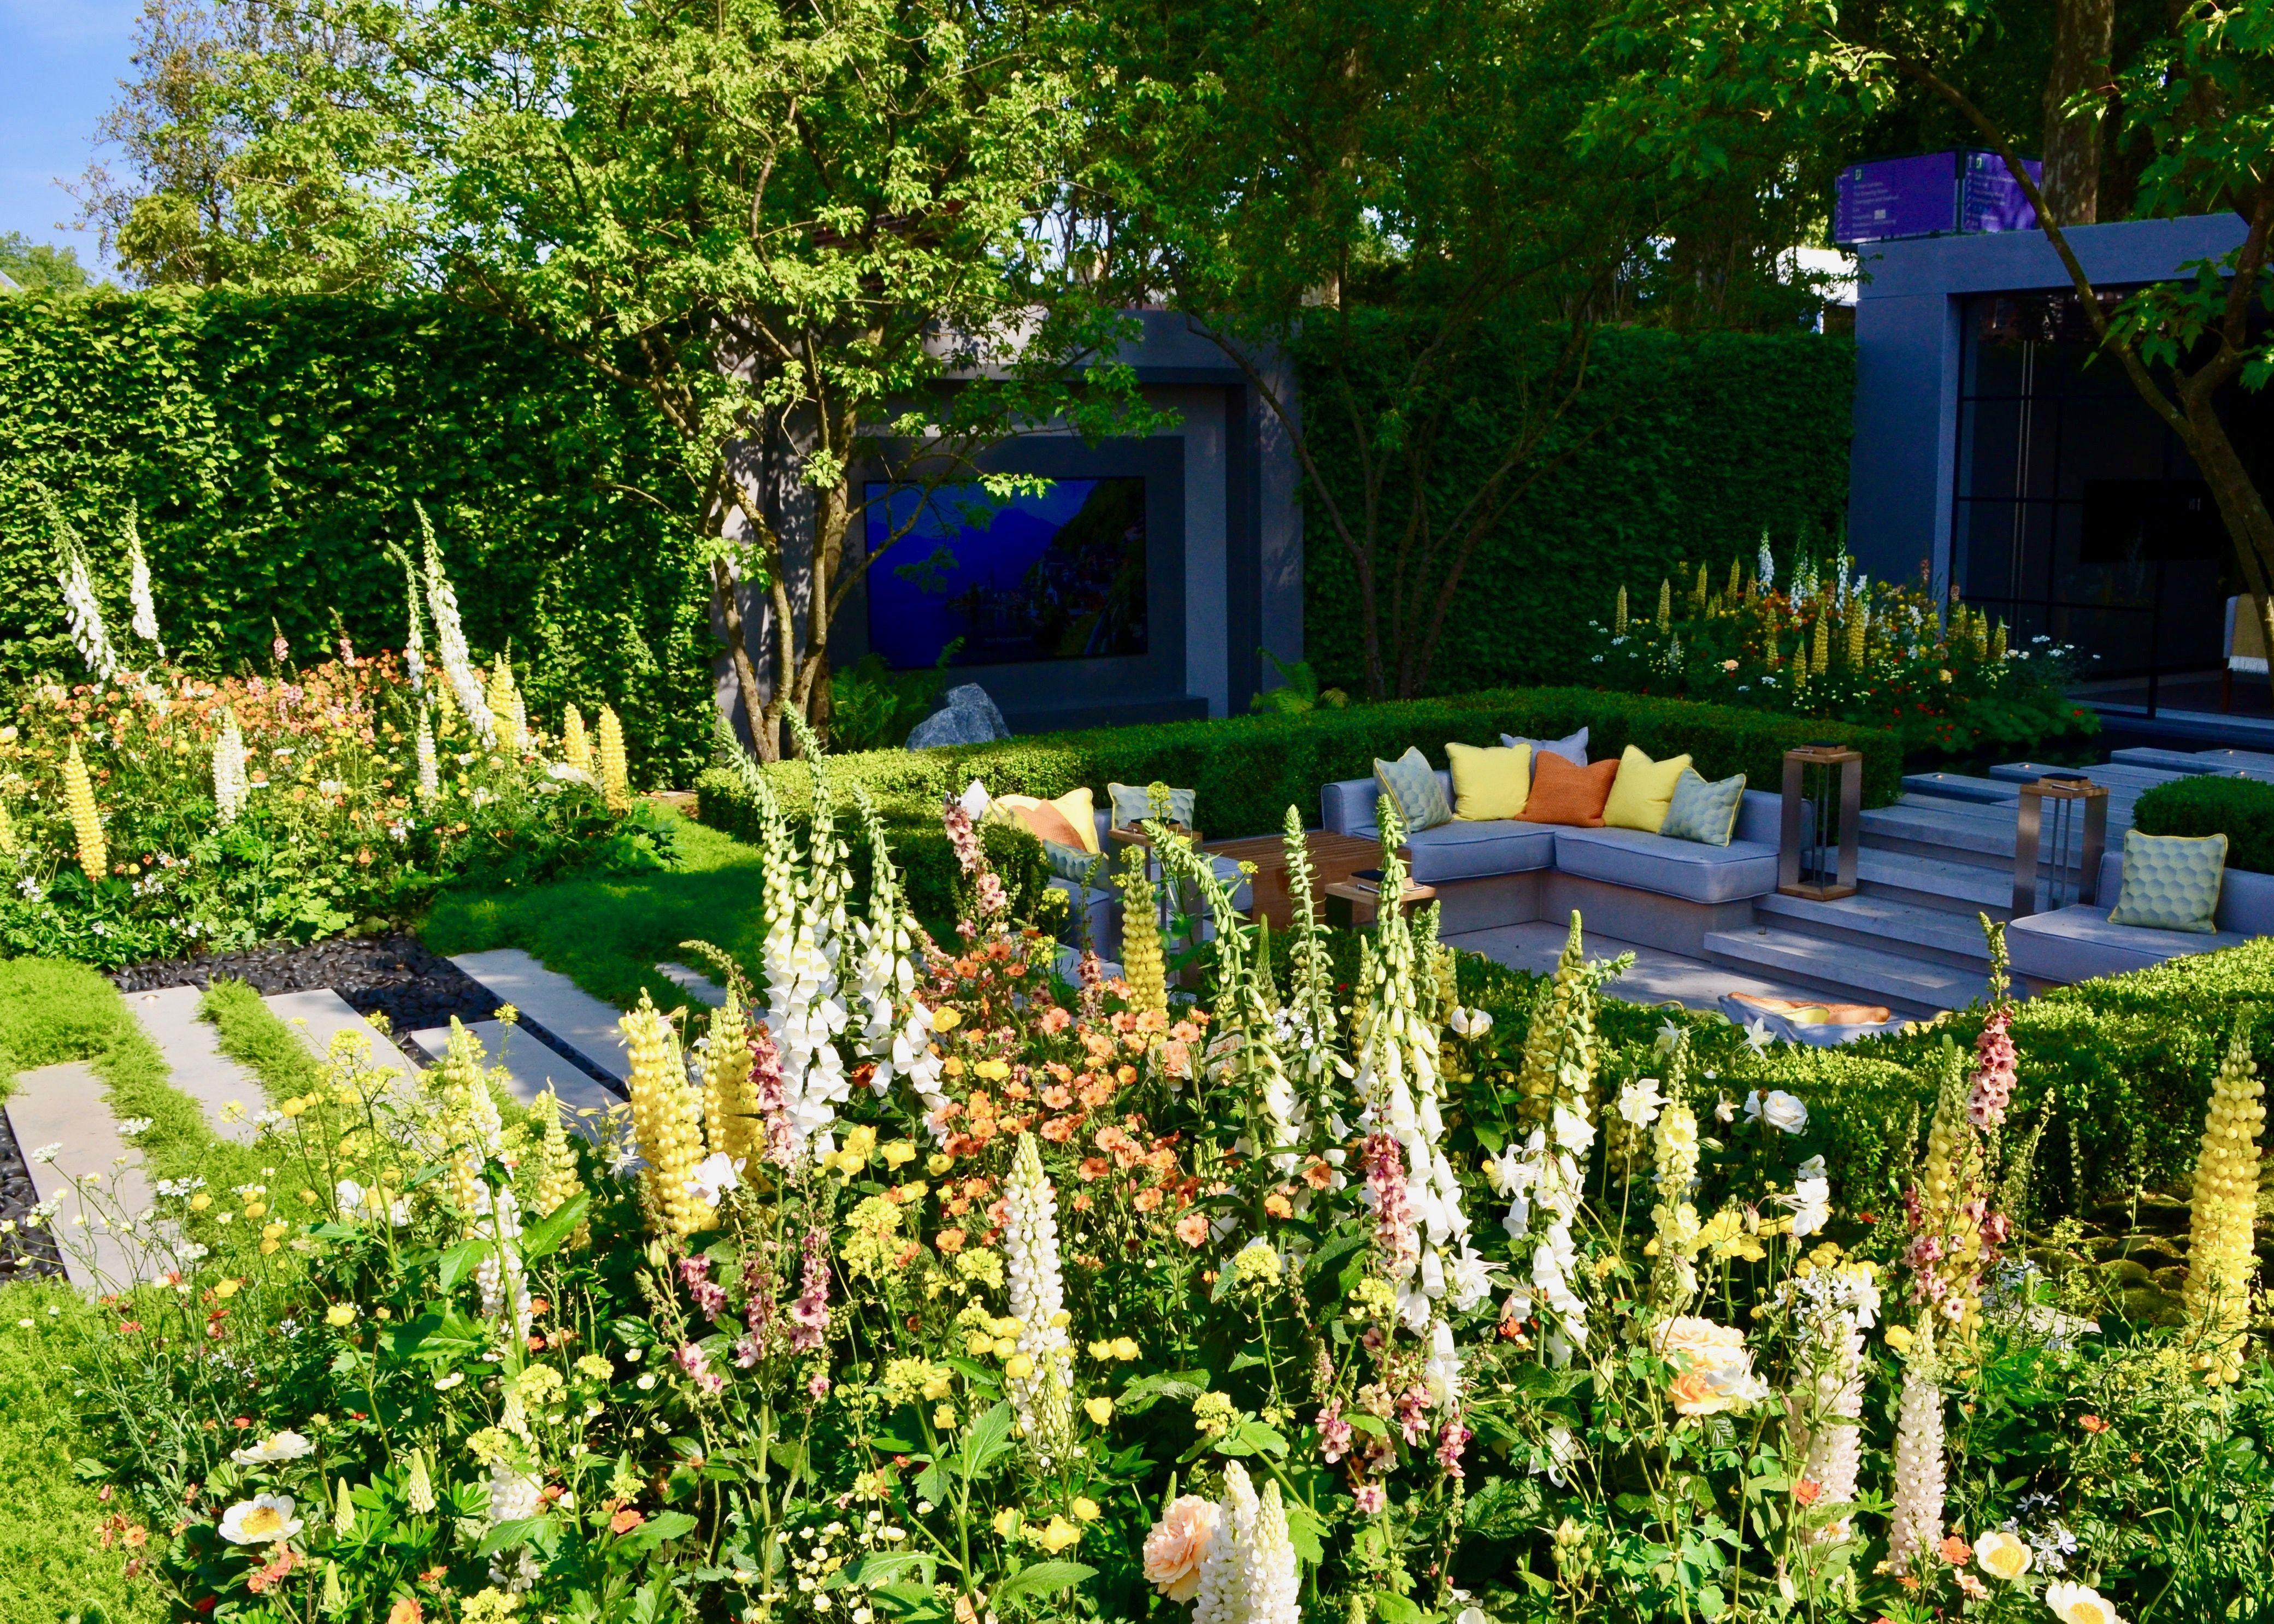 The LG EcoCity Garden, a SilverGilt Show Garden award